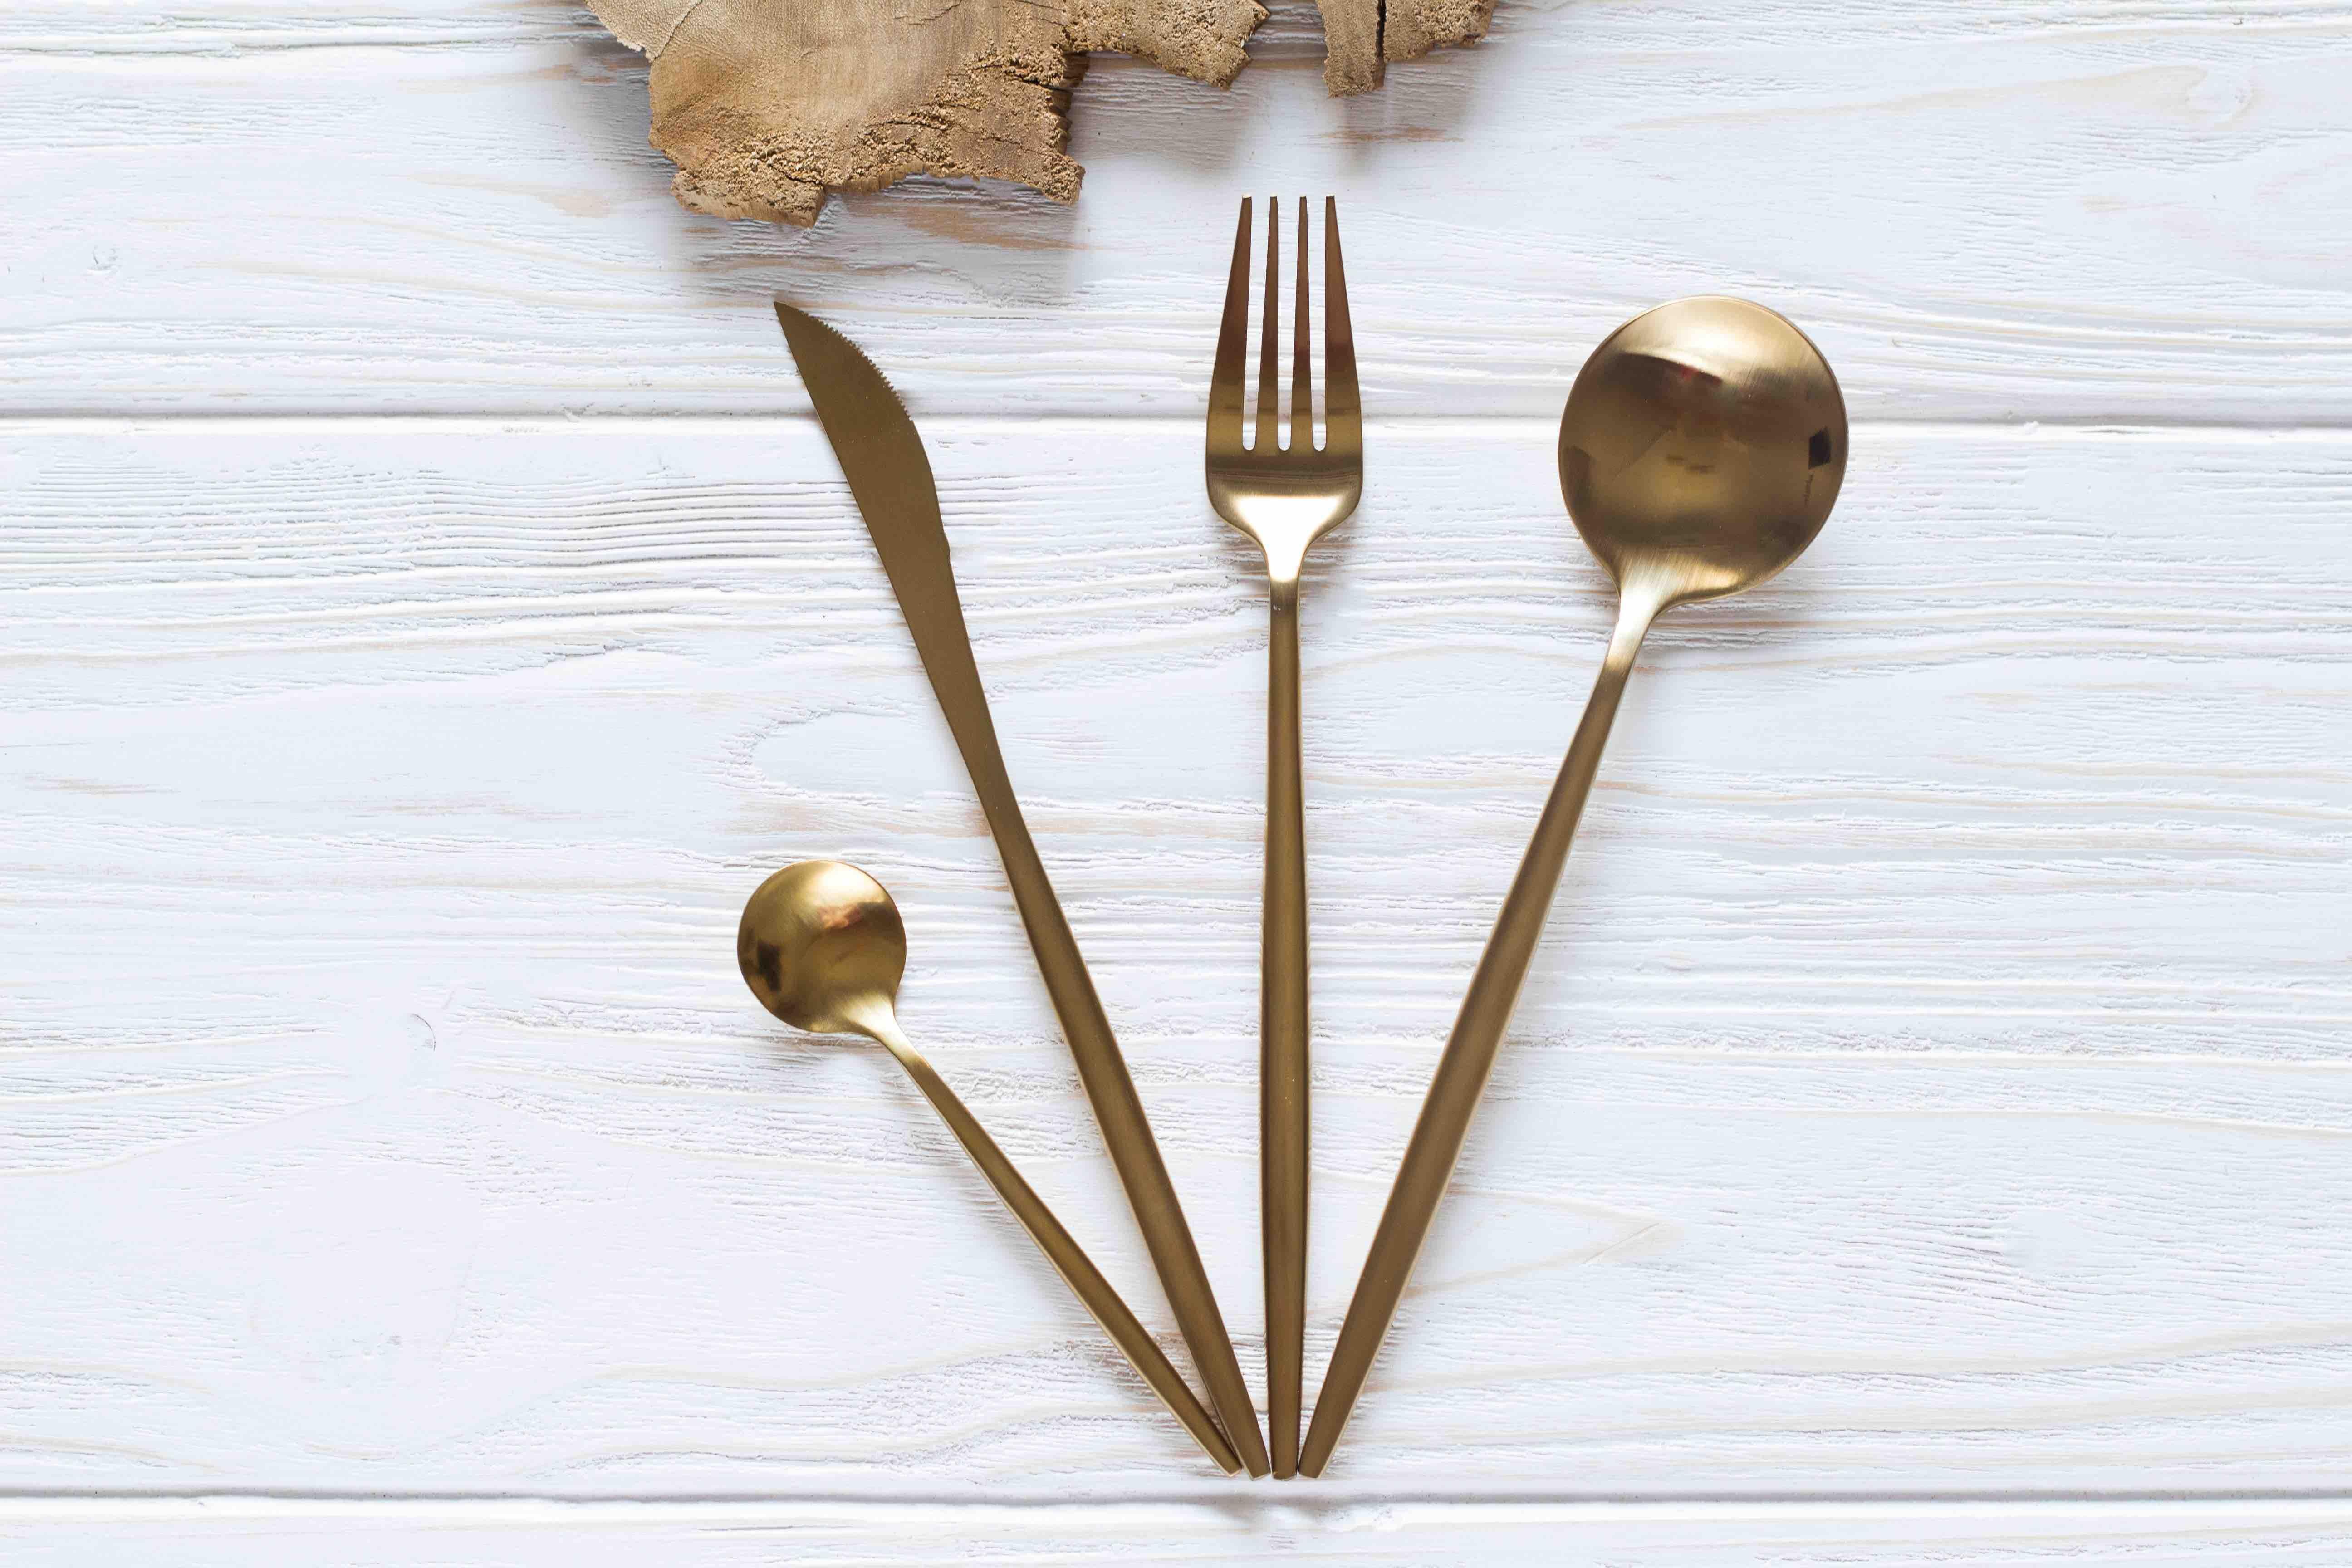 أدوات طعام GOA باللون الذهبي المطفي 16018